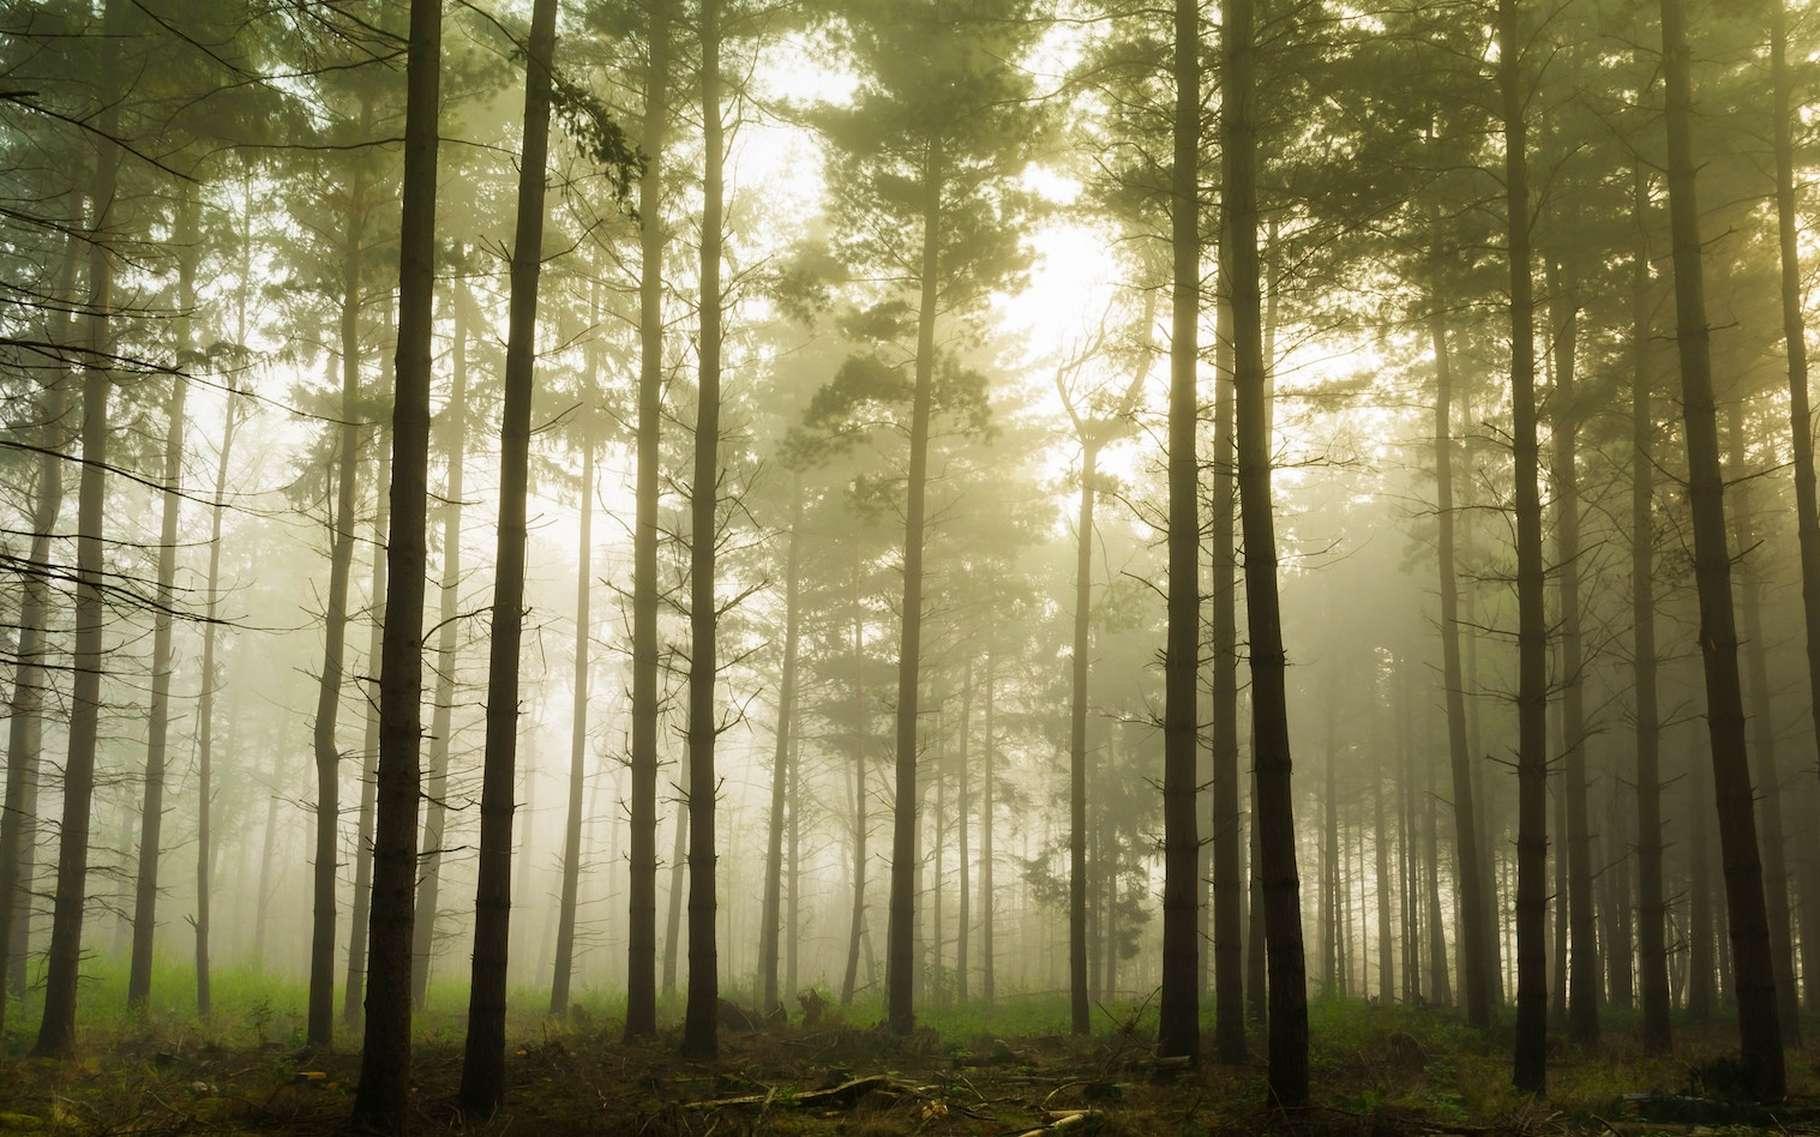 Une étude révèle que la pression de vapeur et les variations de température sont les facteurs climatiques qui affectent le plus nos forêts. © Julien R, Unsplash